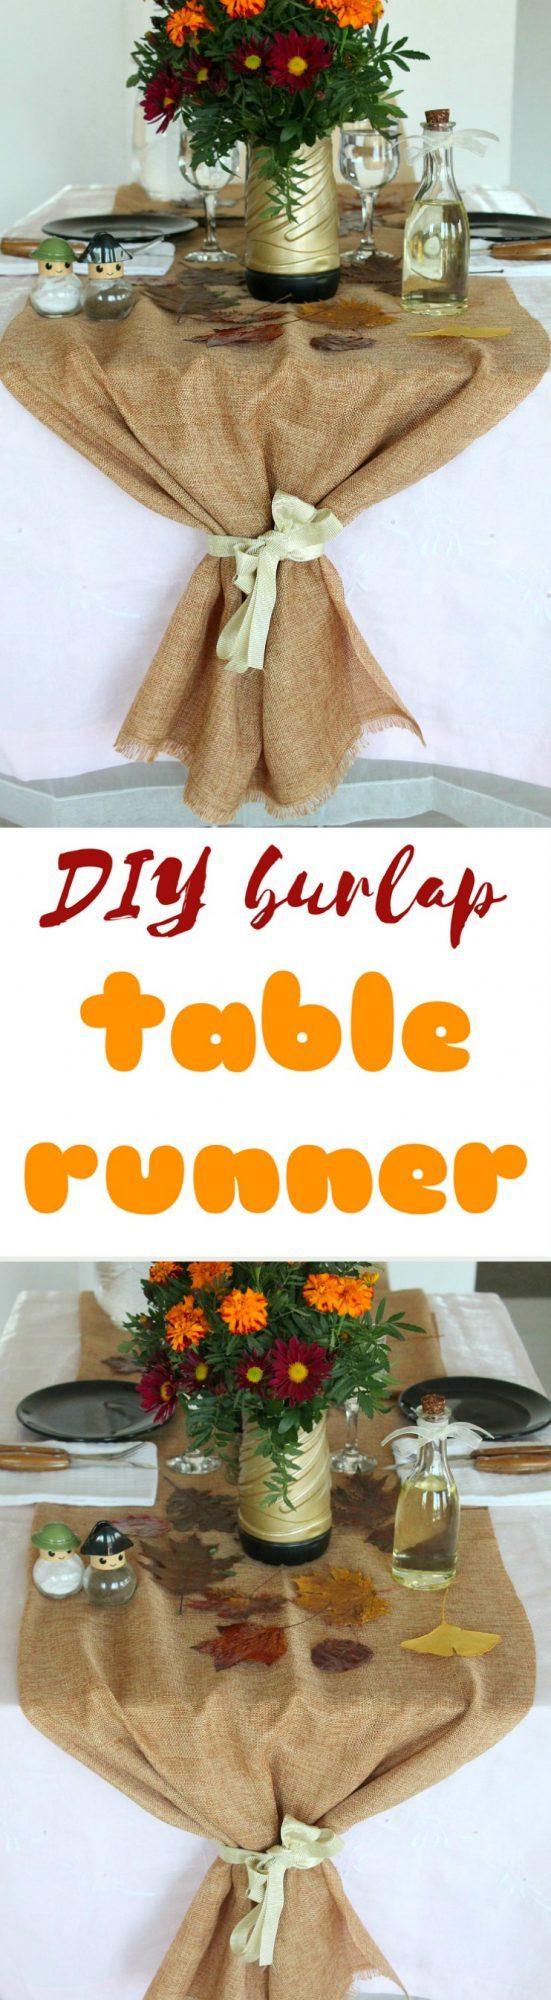 Jute table runner